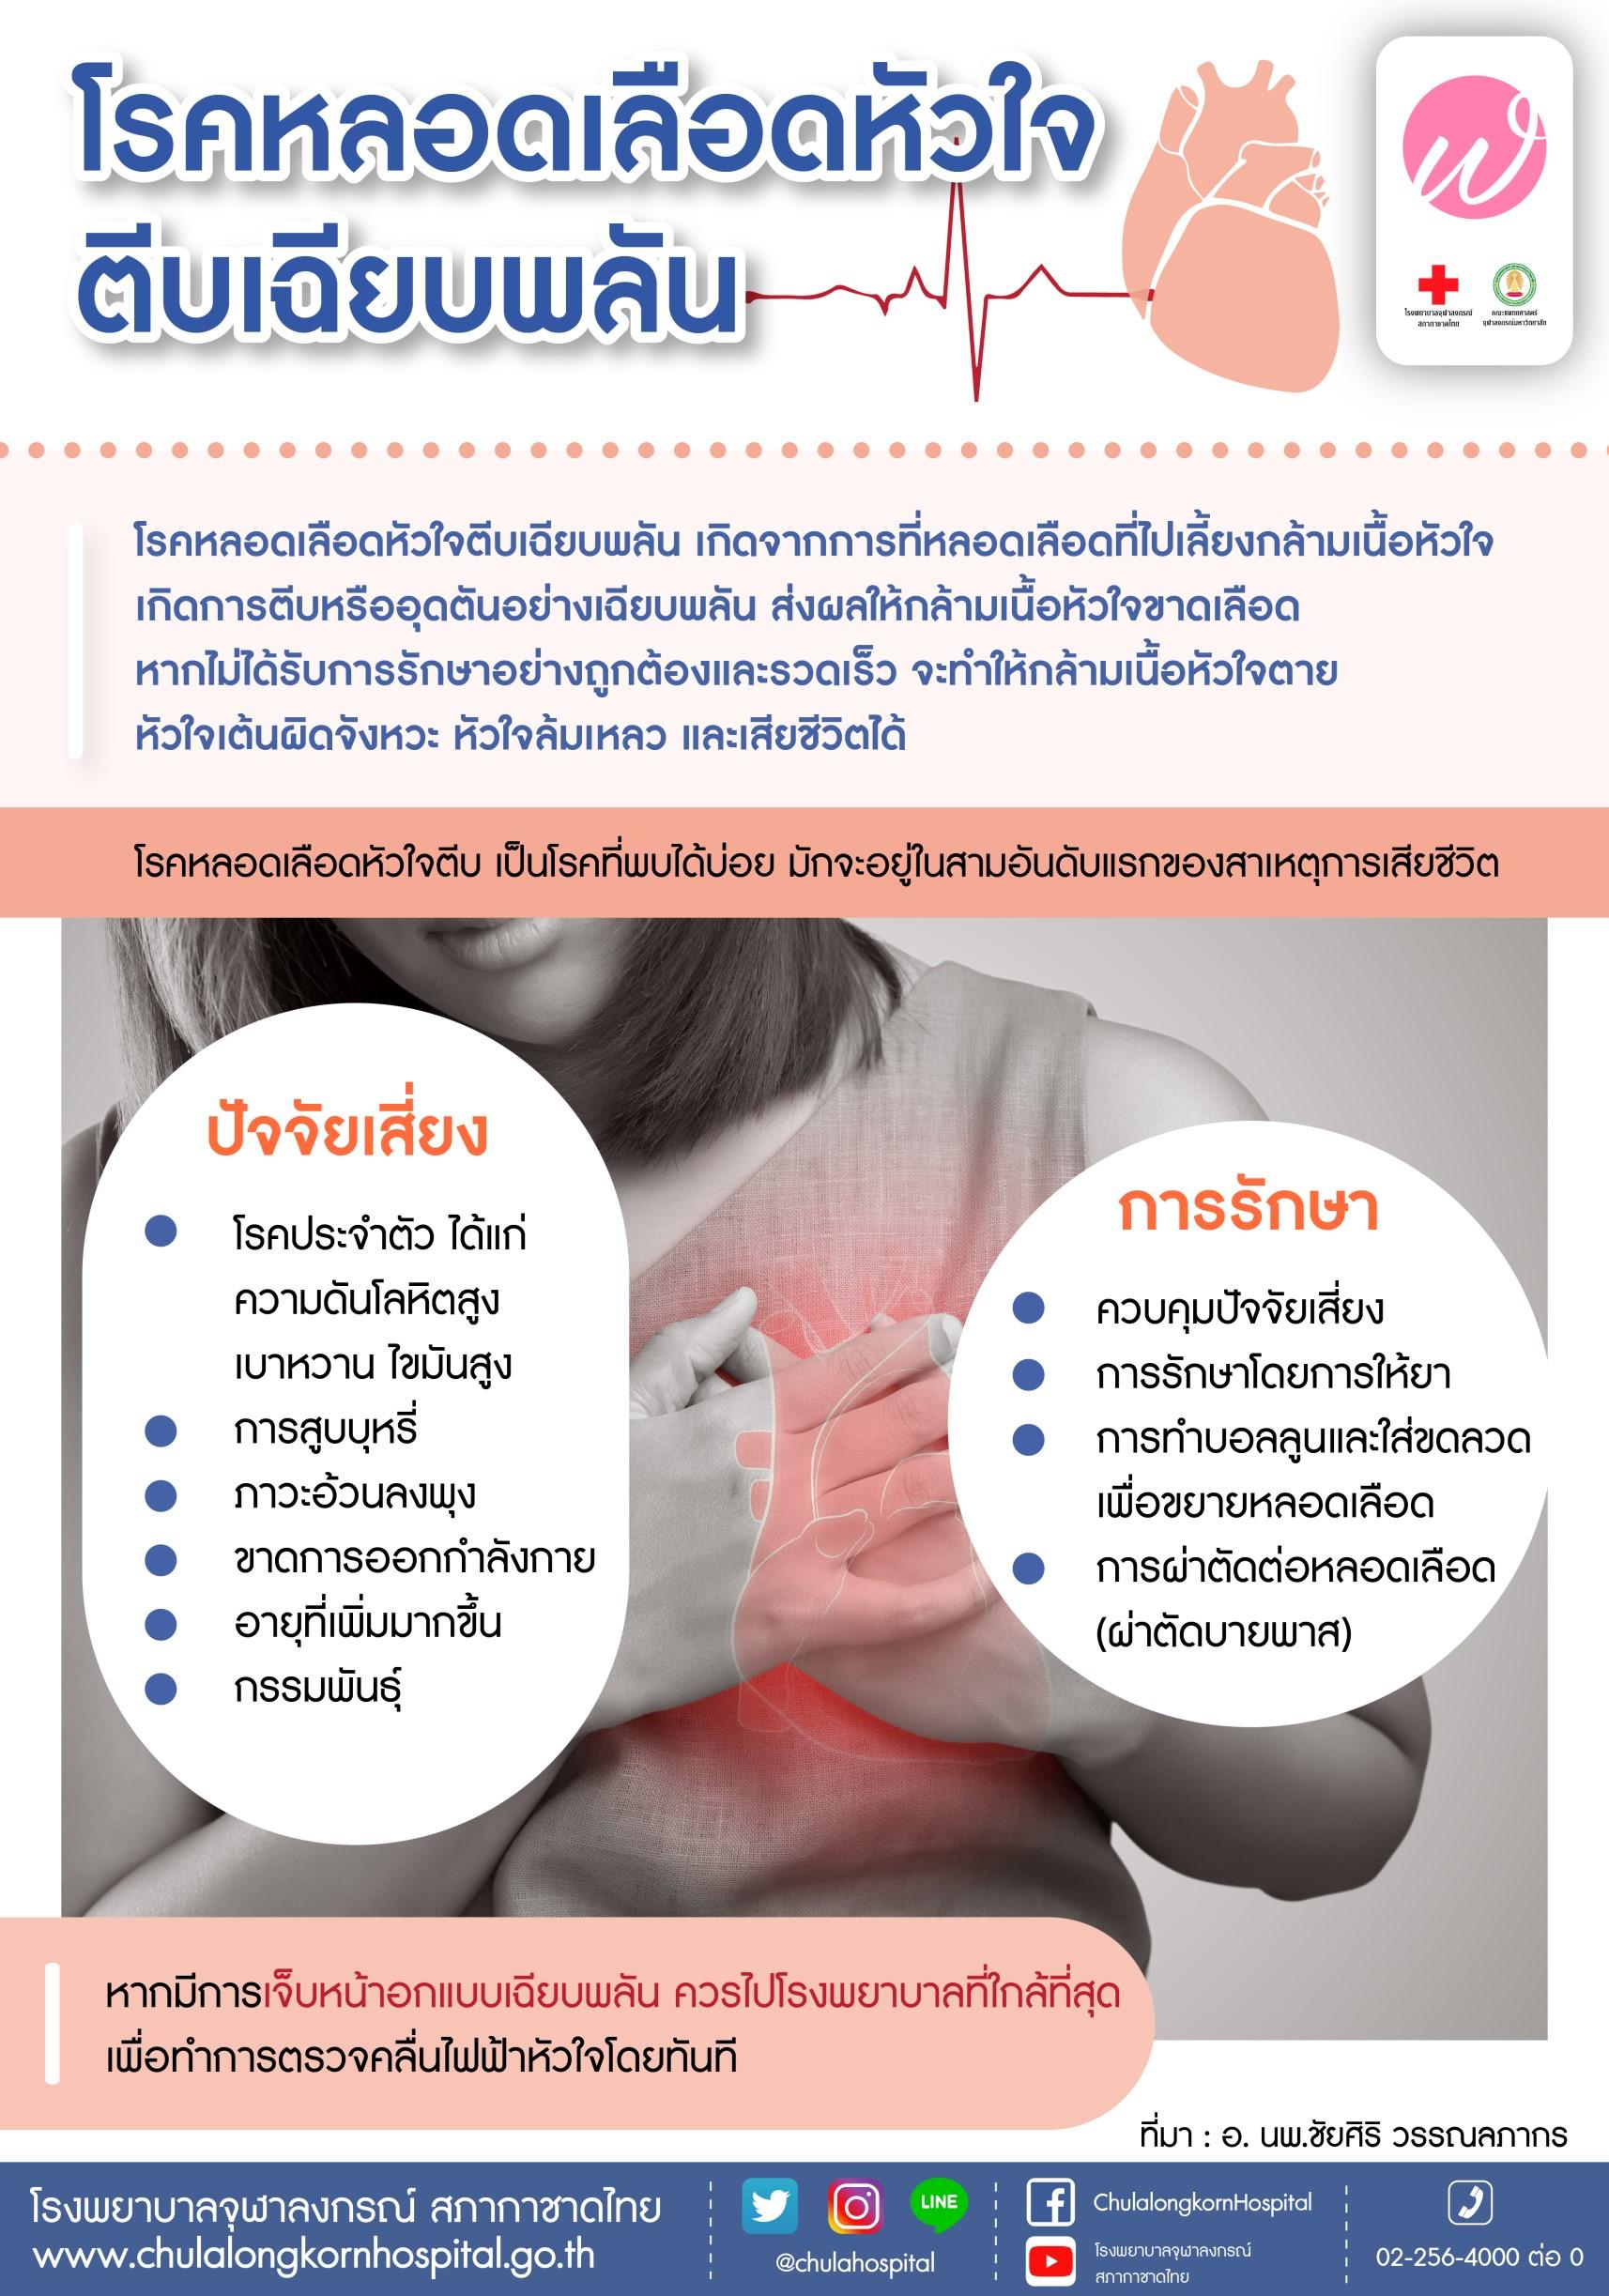 โรคหลอดเลือดหัวใจตีบเฉียบพลัน